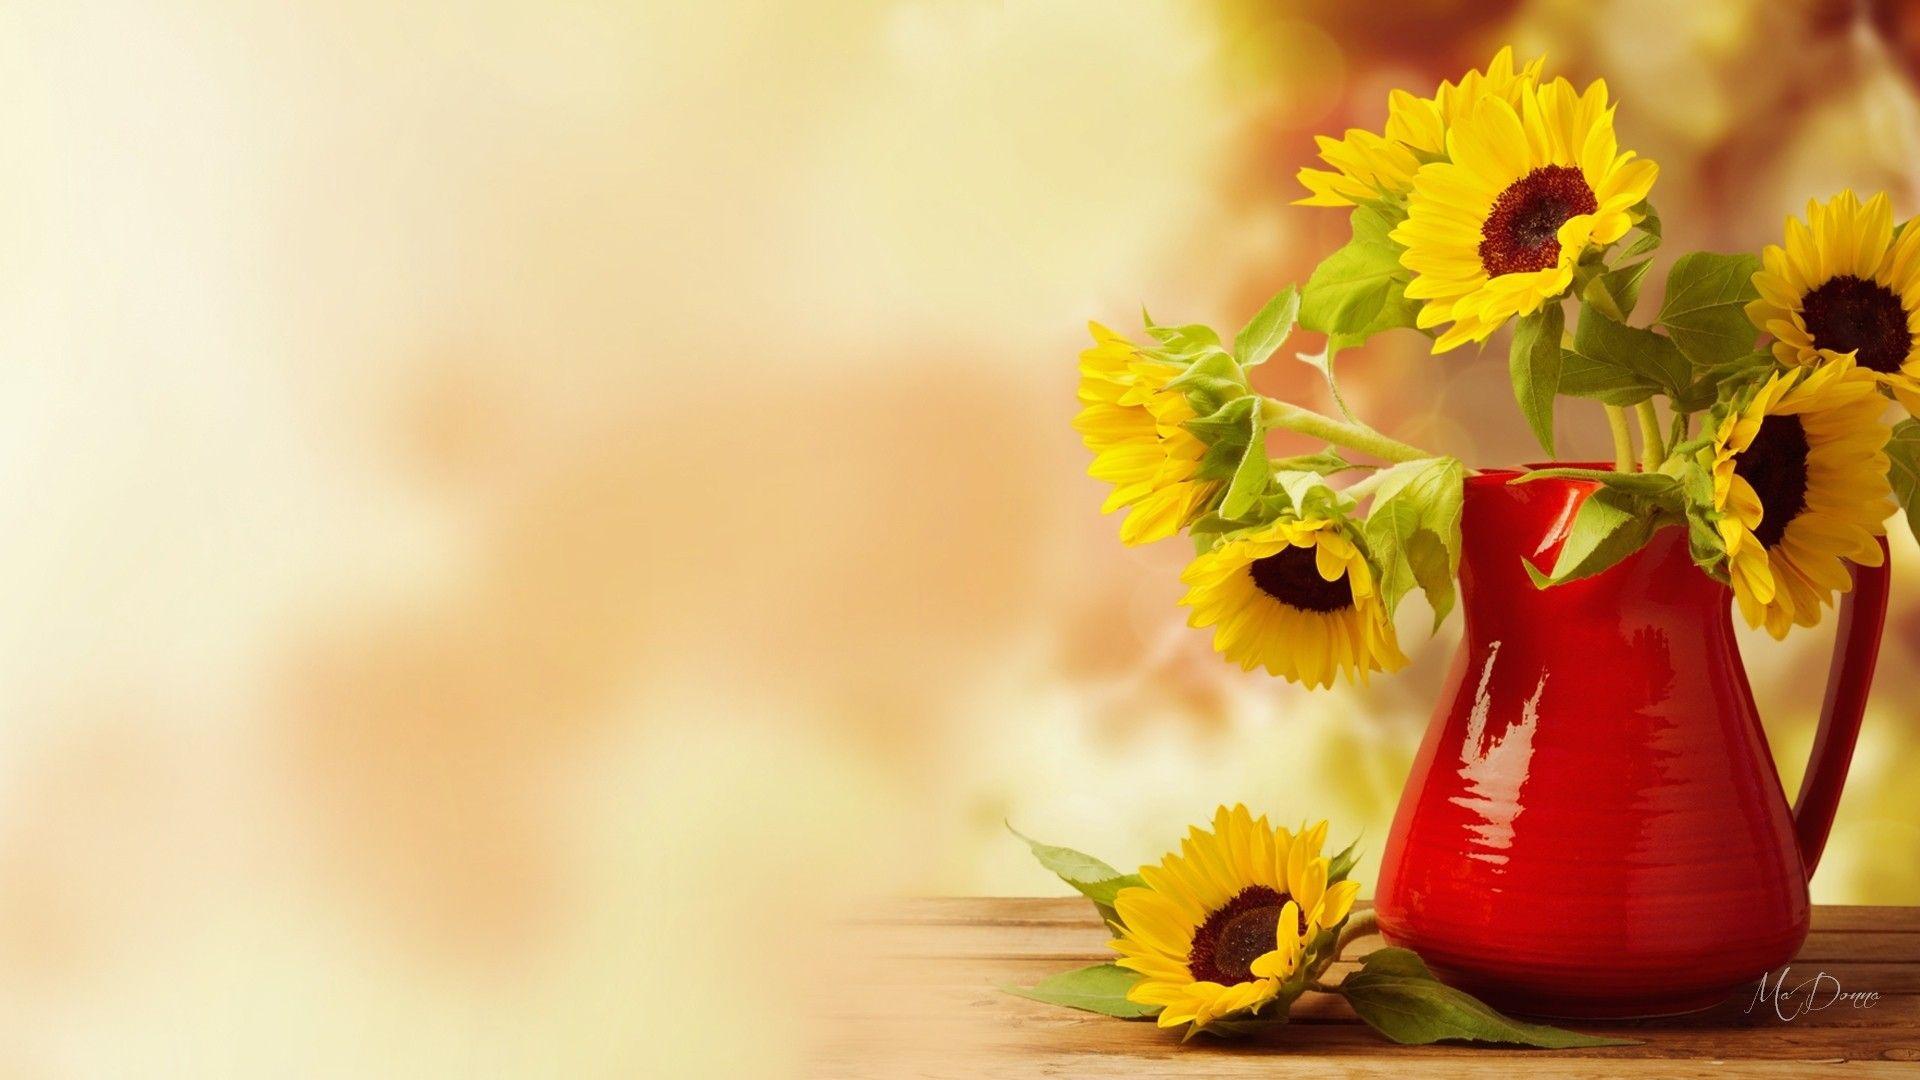 Autumn Flowers Life Bouquet Vase Bright Still Summer - Fall Flowers Desktop Backgrounds - HD Wallpaper